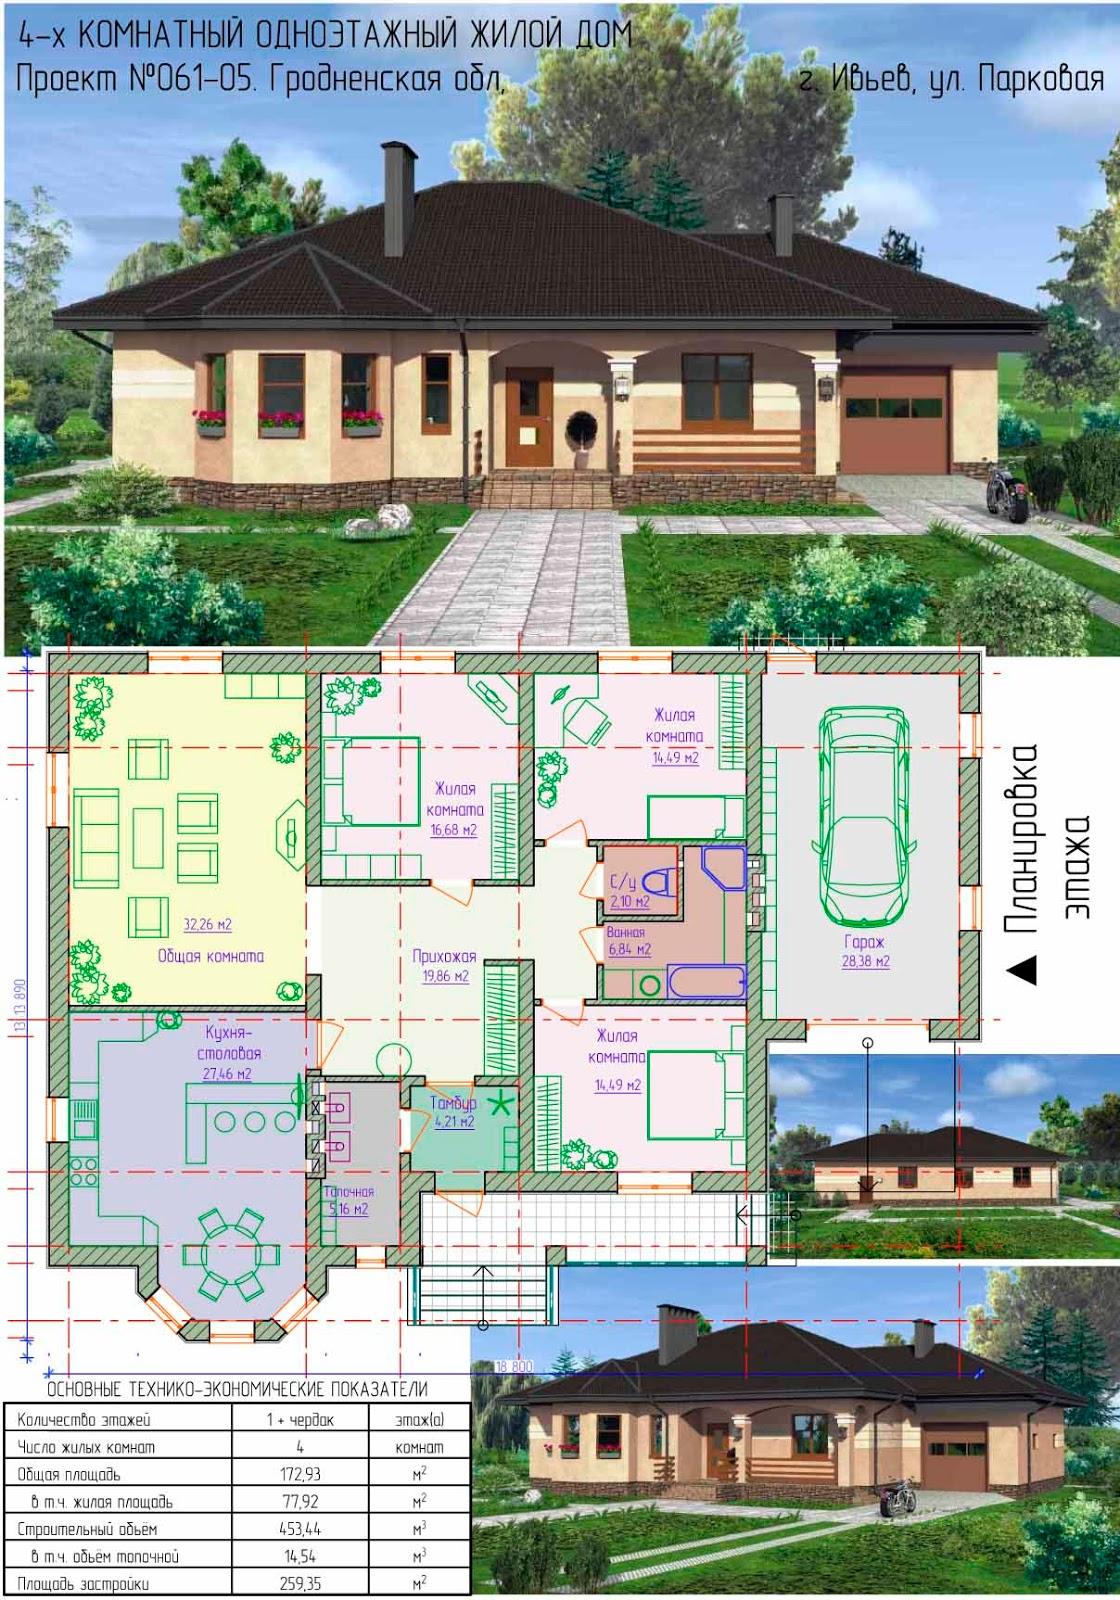 Проекты частных домов фото и схемы до 100 кв.м